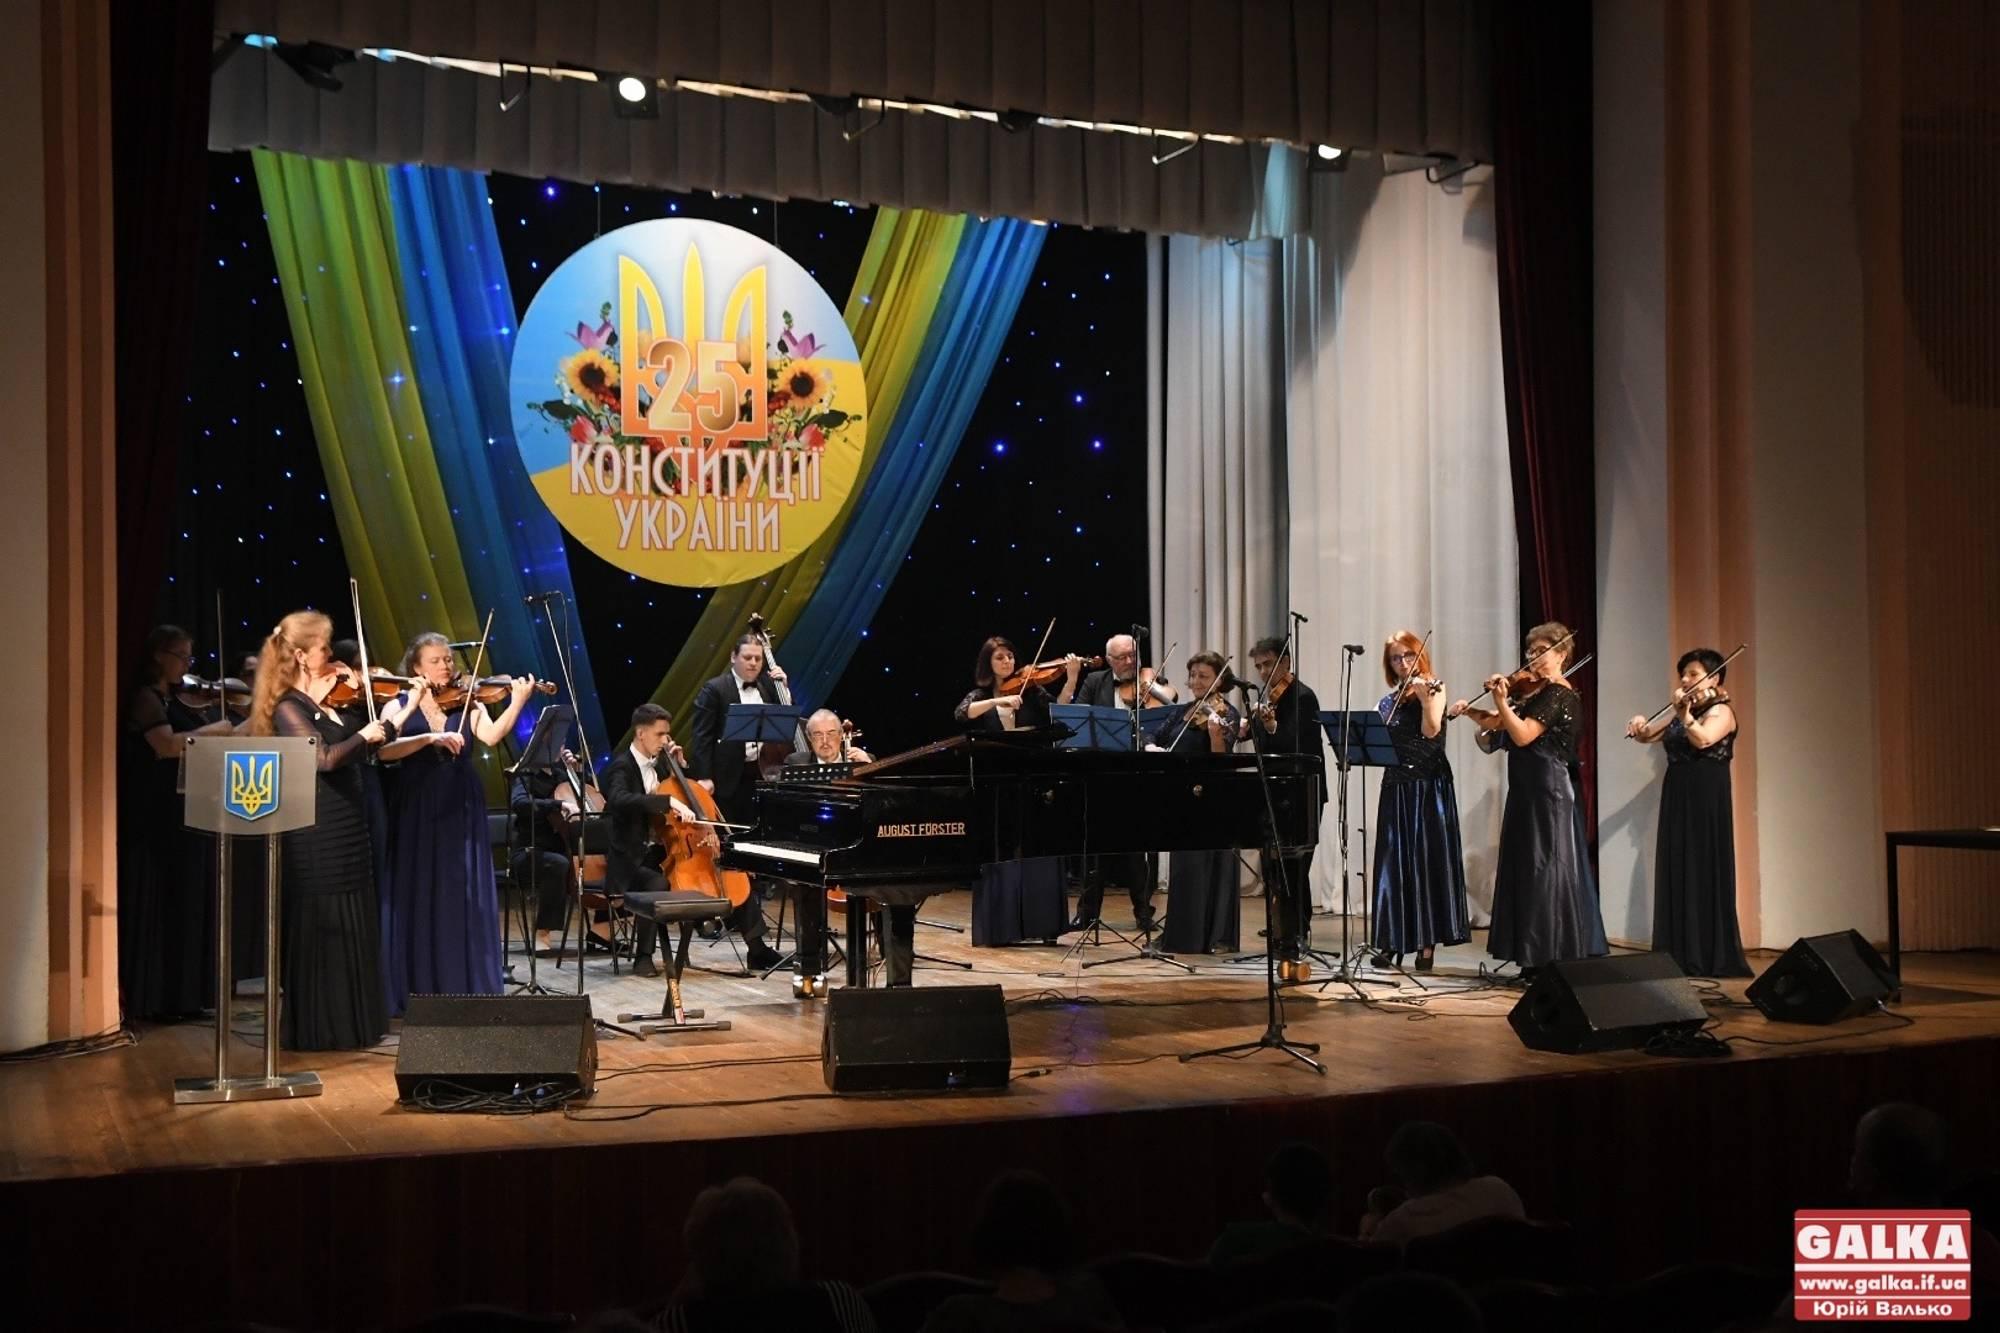 Урочистим концертом у Франківську відзначили прийдешній День Конституції (ФОТО)